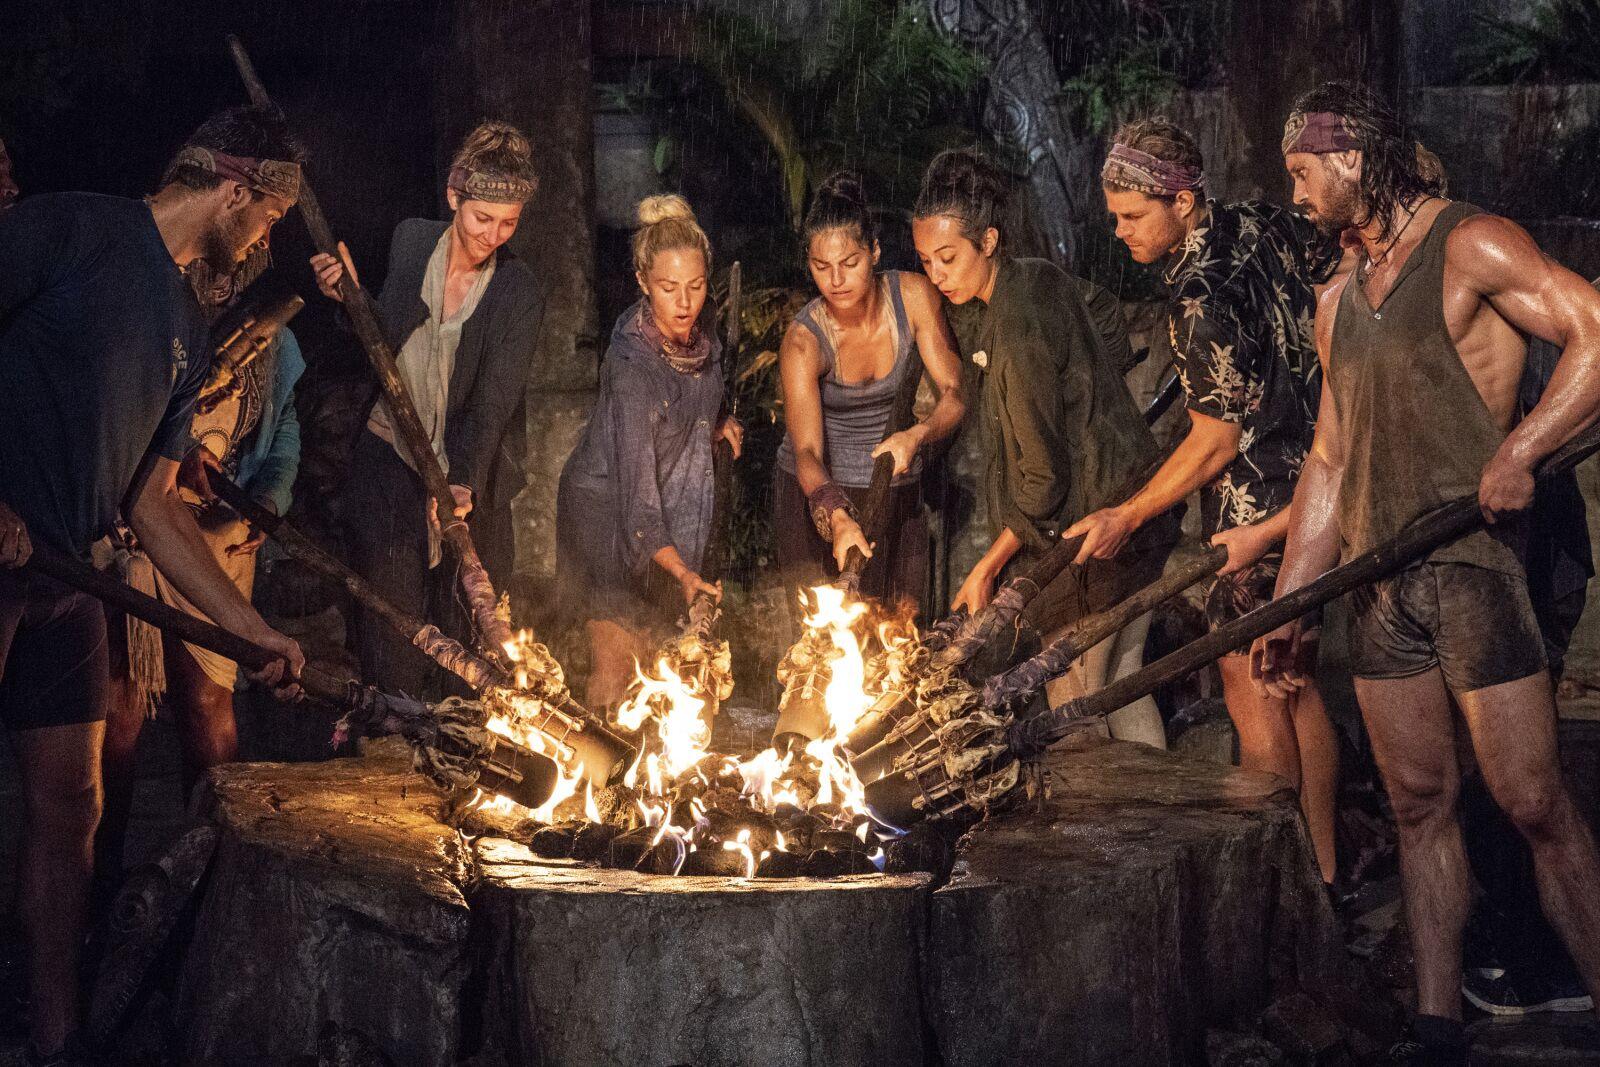 survivor season 37 episode 7 watch online